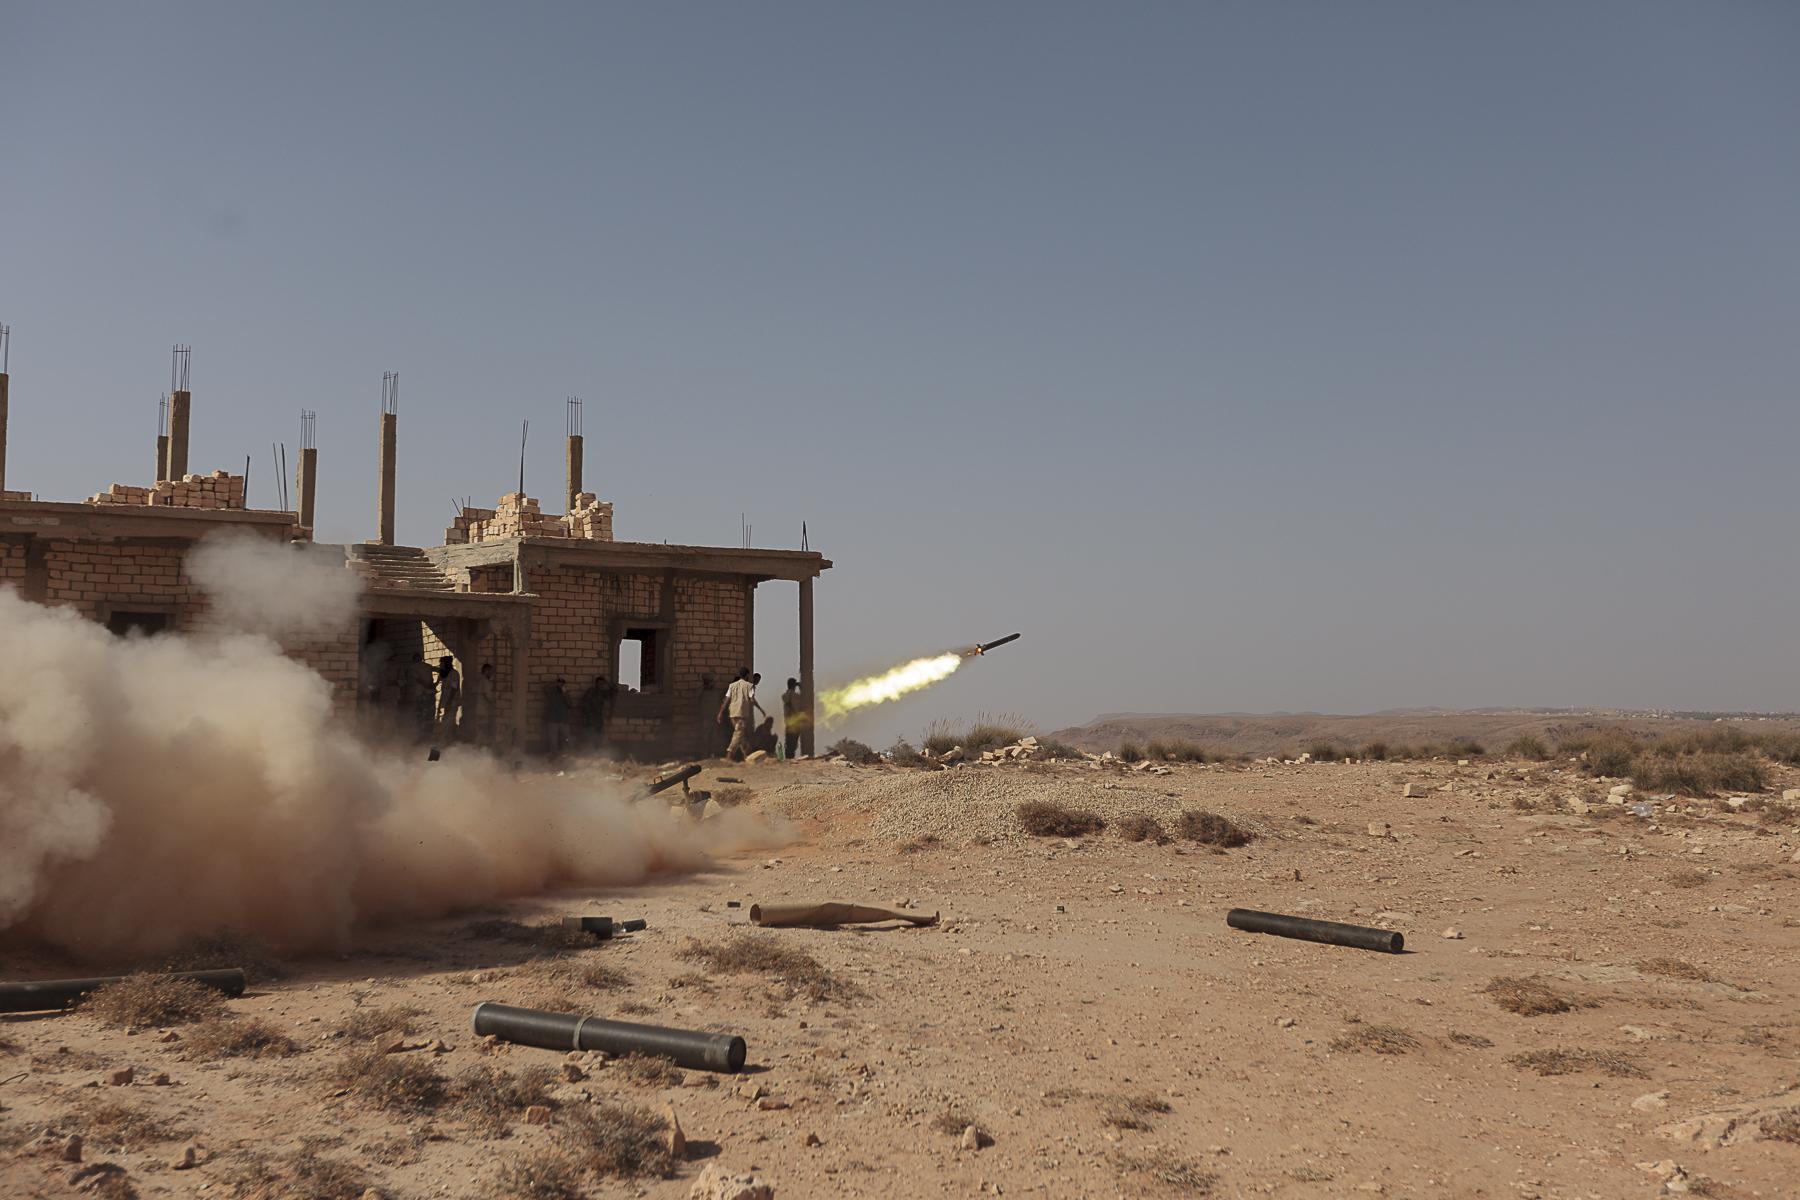 Un prisonier de l\'armée loyaliste capturé par la rebéllion est soigné à l\'hopital de Zinta. Sur la ligne de front les rebelles tirent des roquettes vers les lignes de l\'armée Libyenne.